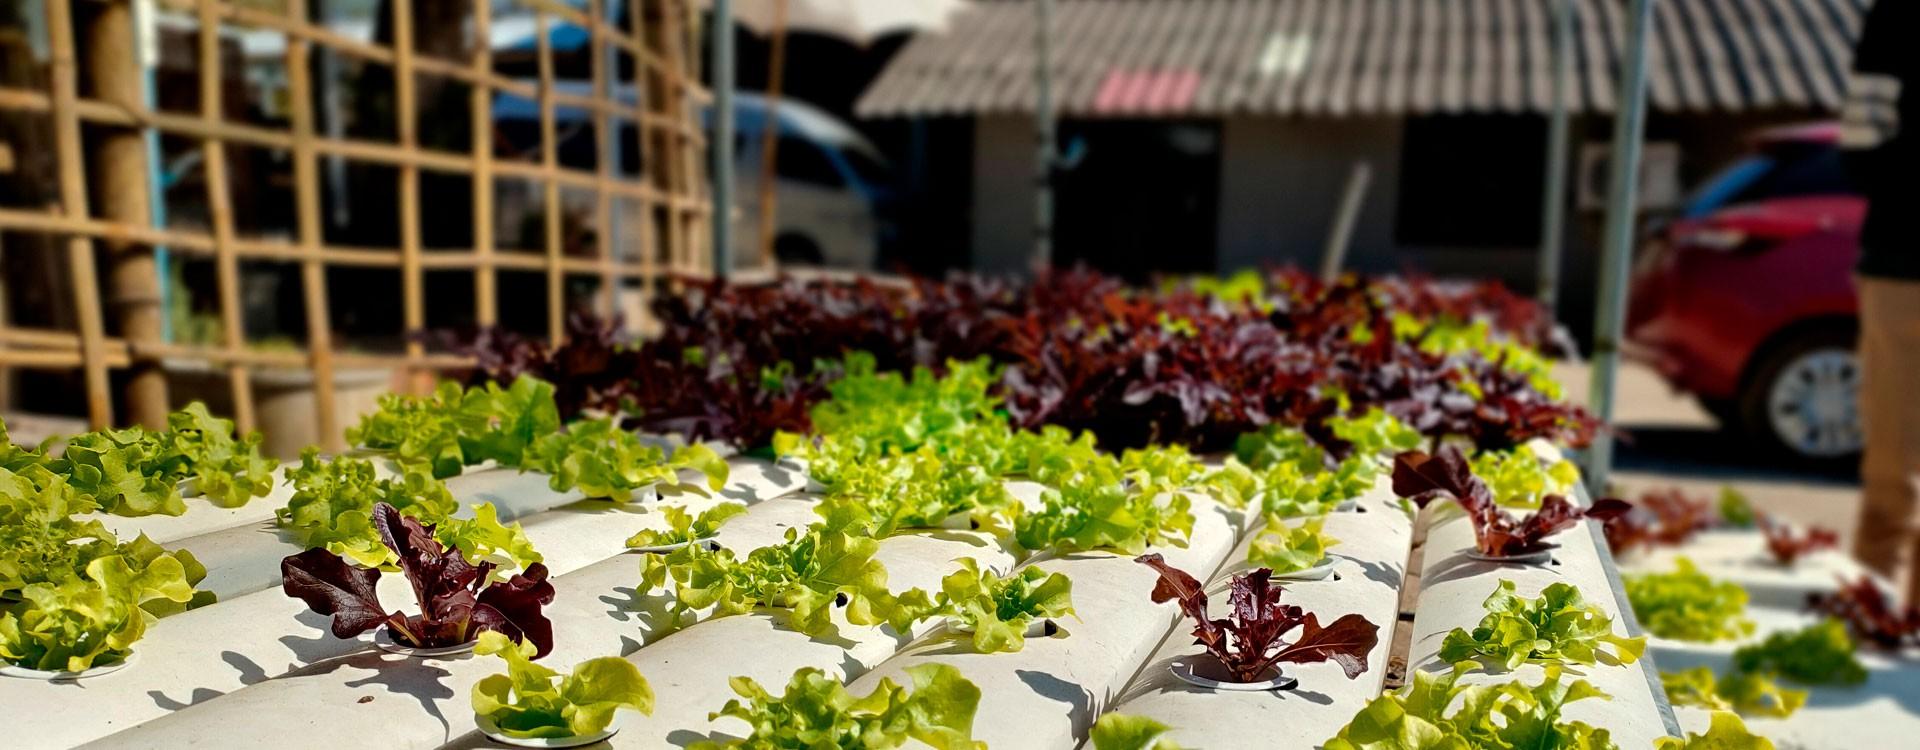 Измерение pH пивного затора в процессе варки пива